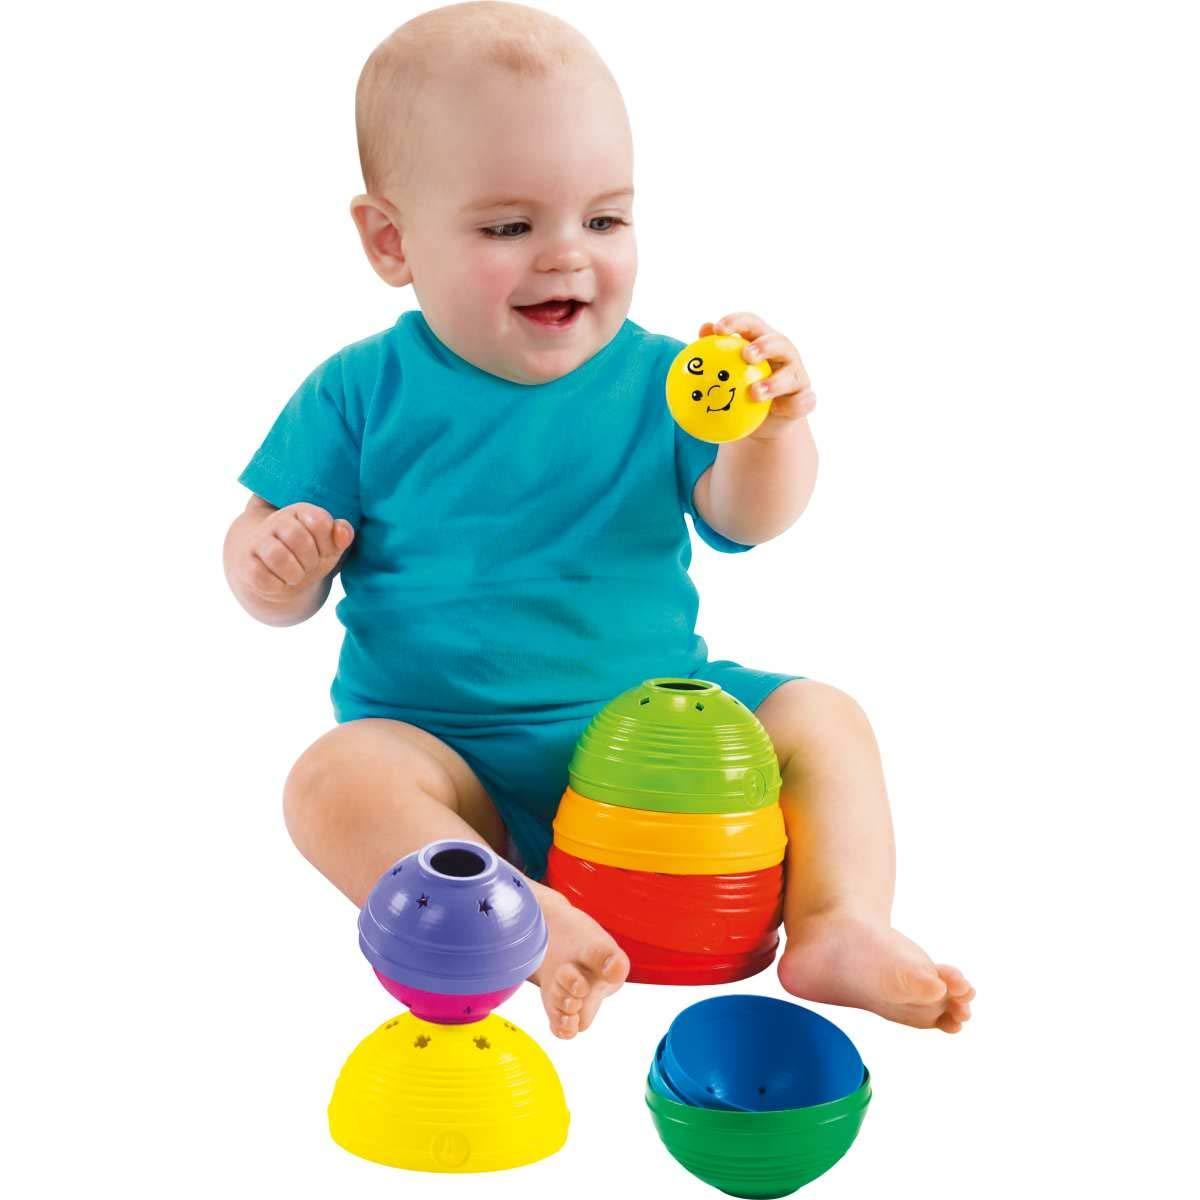 Brilliant Basics Stack und Roll Cups Spielkugel-Pyramide Mattel Fisher-Price W4472